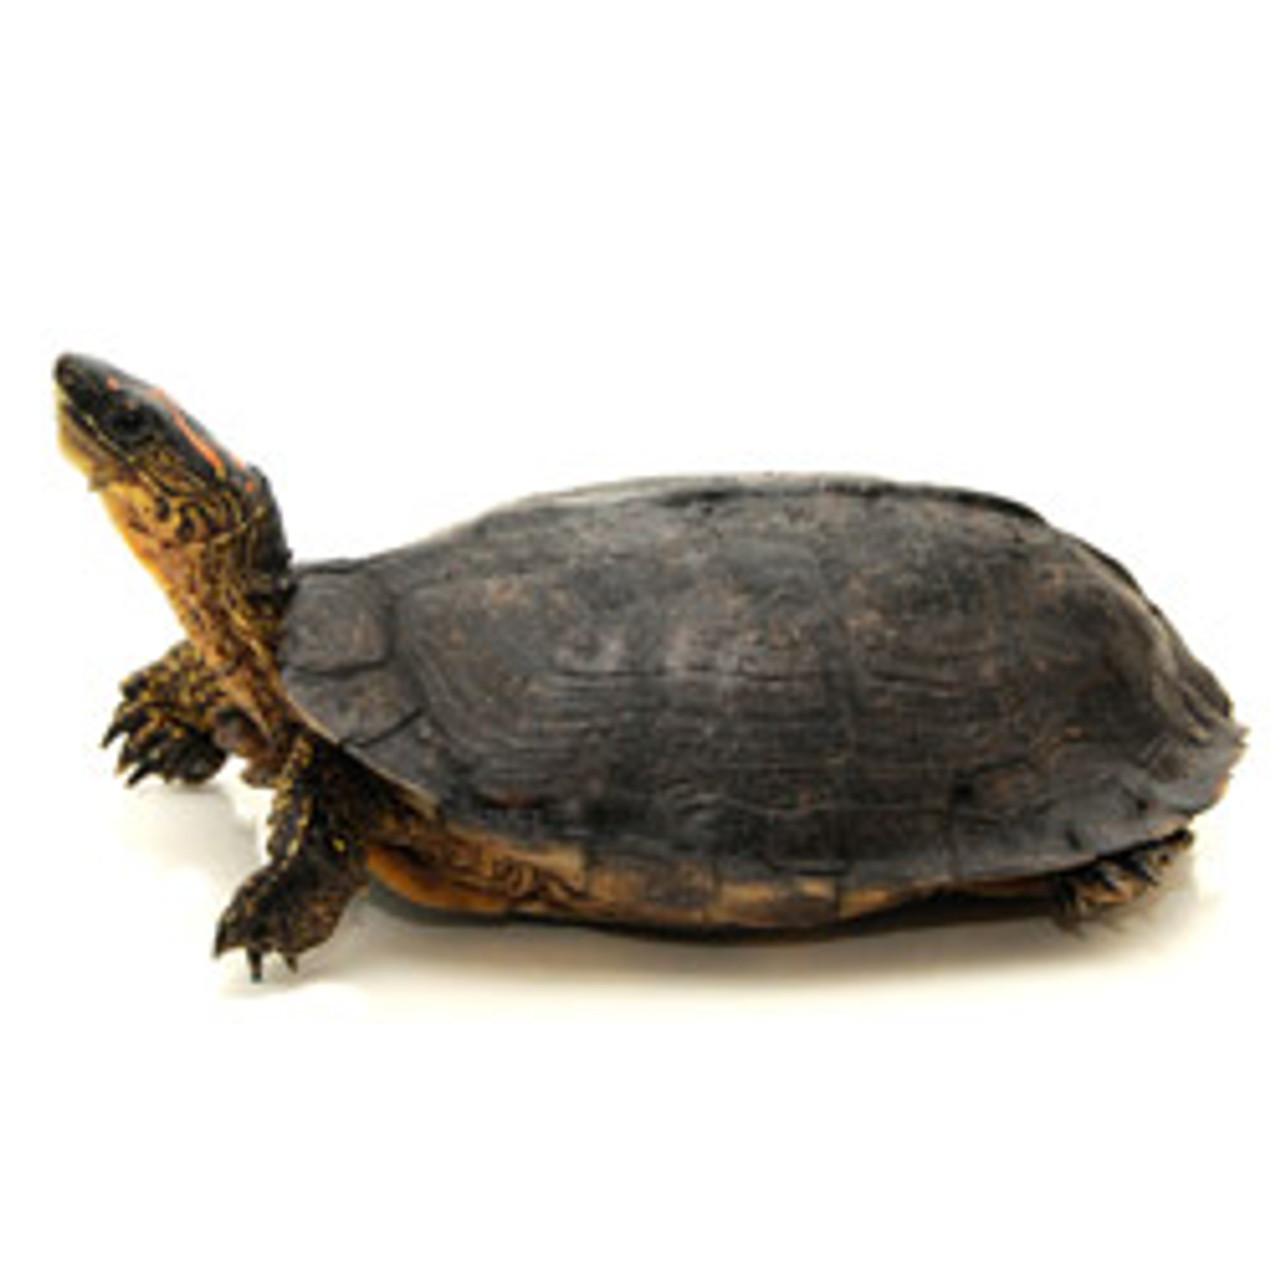 Surinam Wood Turtle (Rhinoclemmys punctularia)